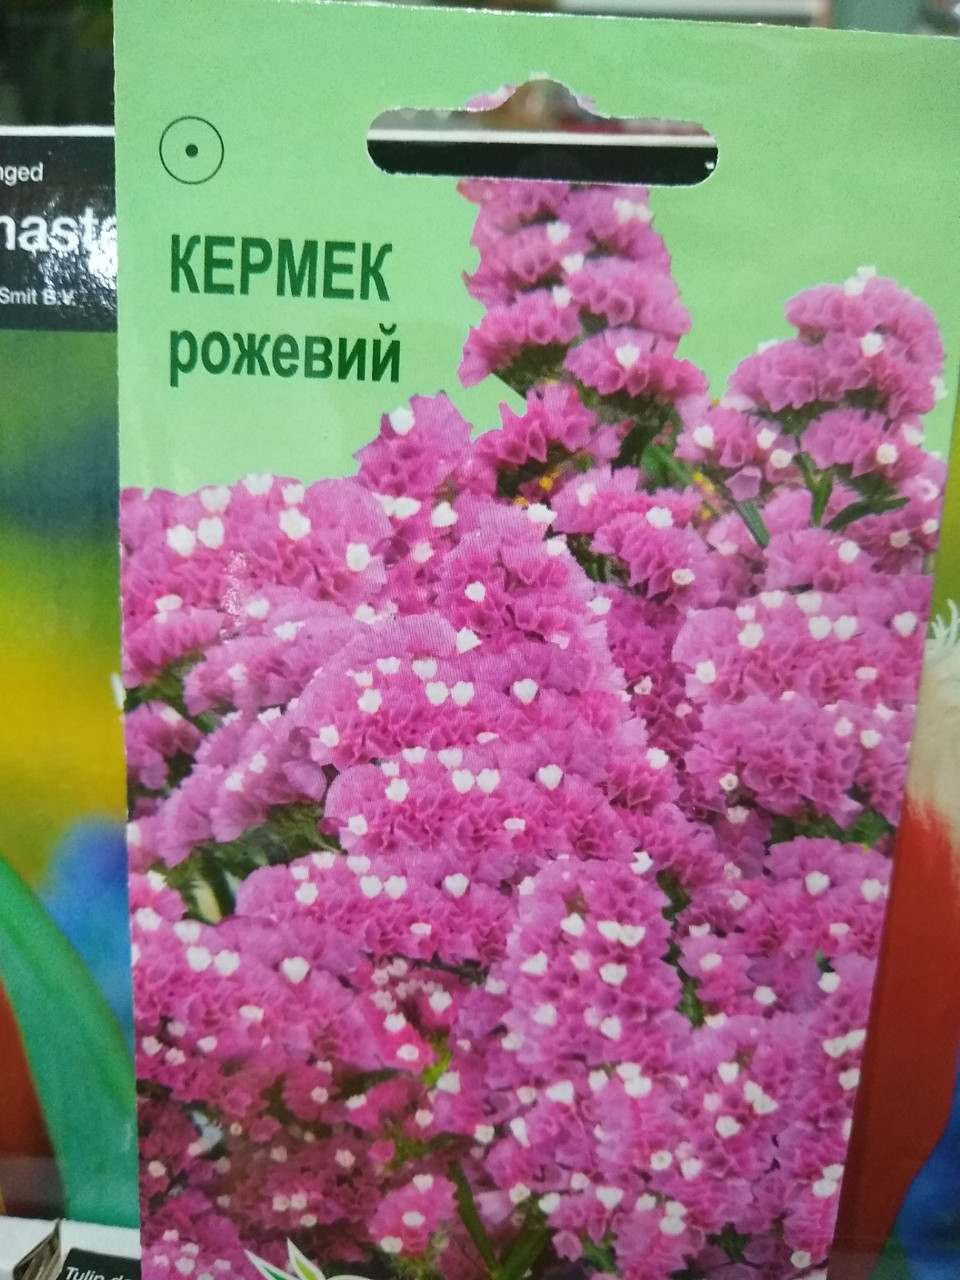 Кермек виїмчастий рожевий, 0.1 г